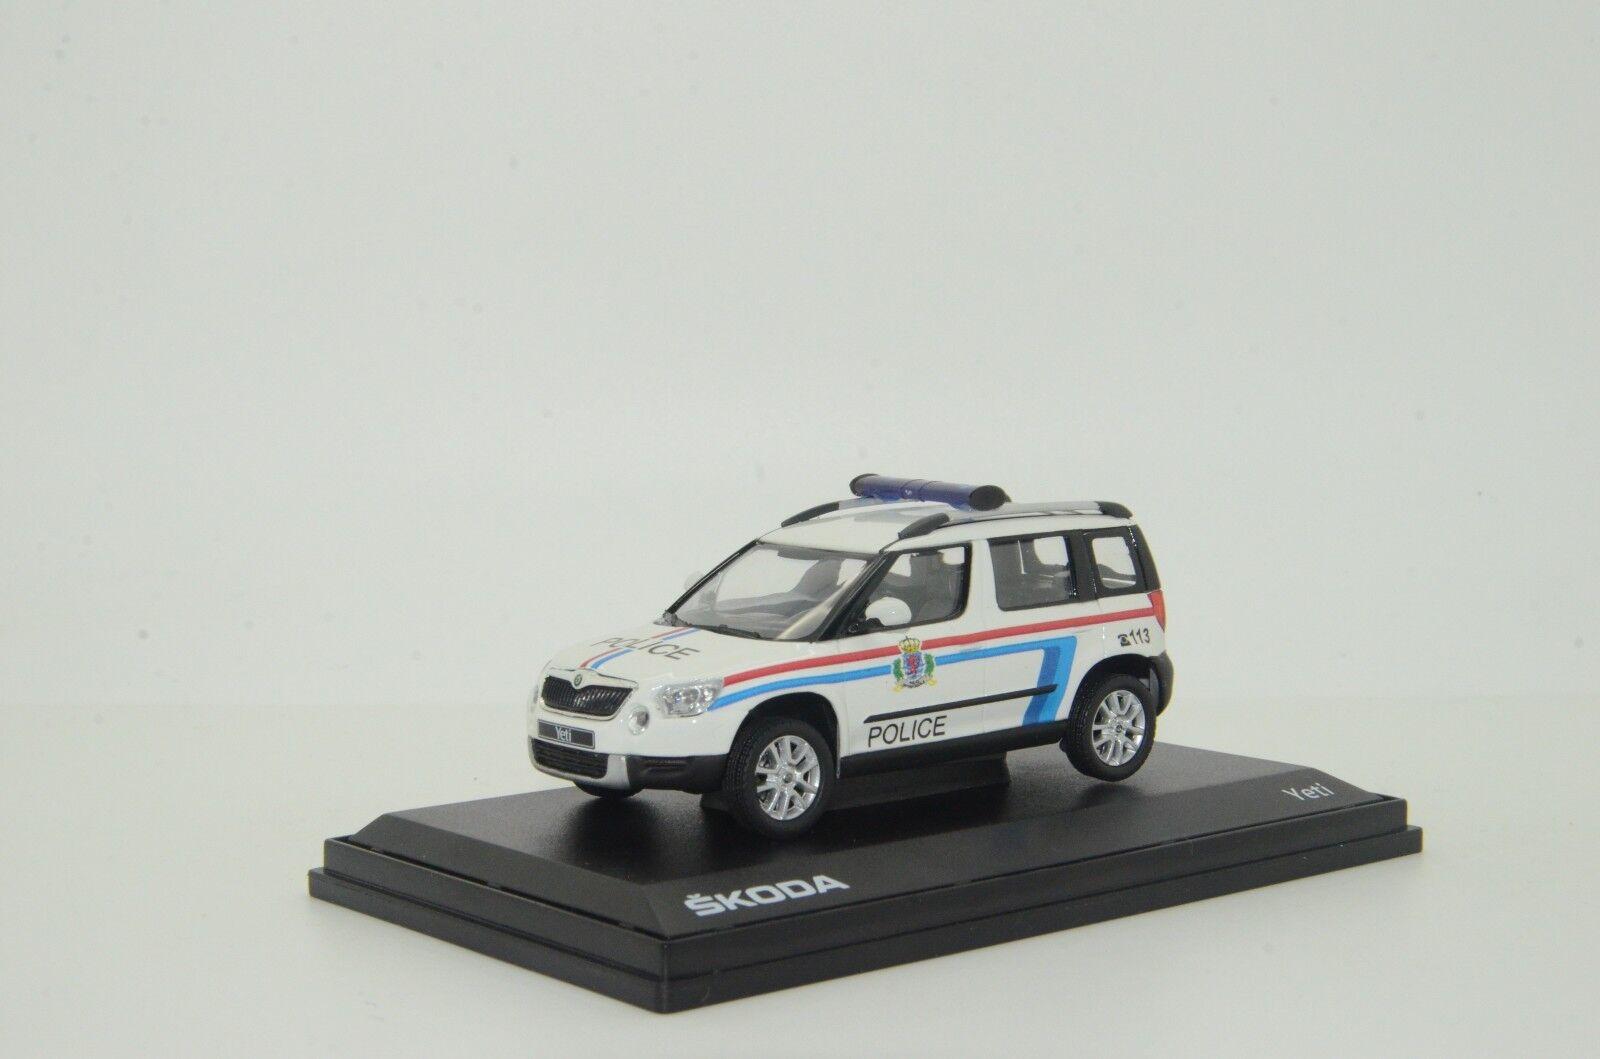 SKODA Yeti Luxemburgo policía Hecho a Medida 1 43